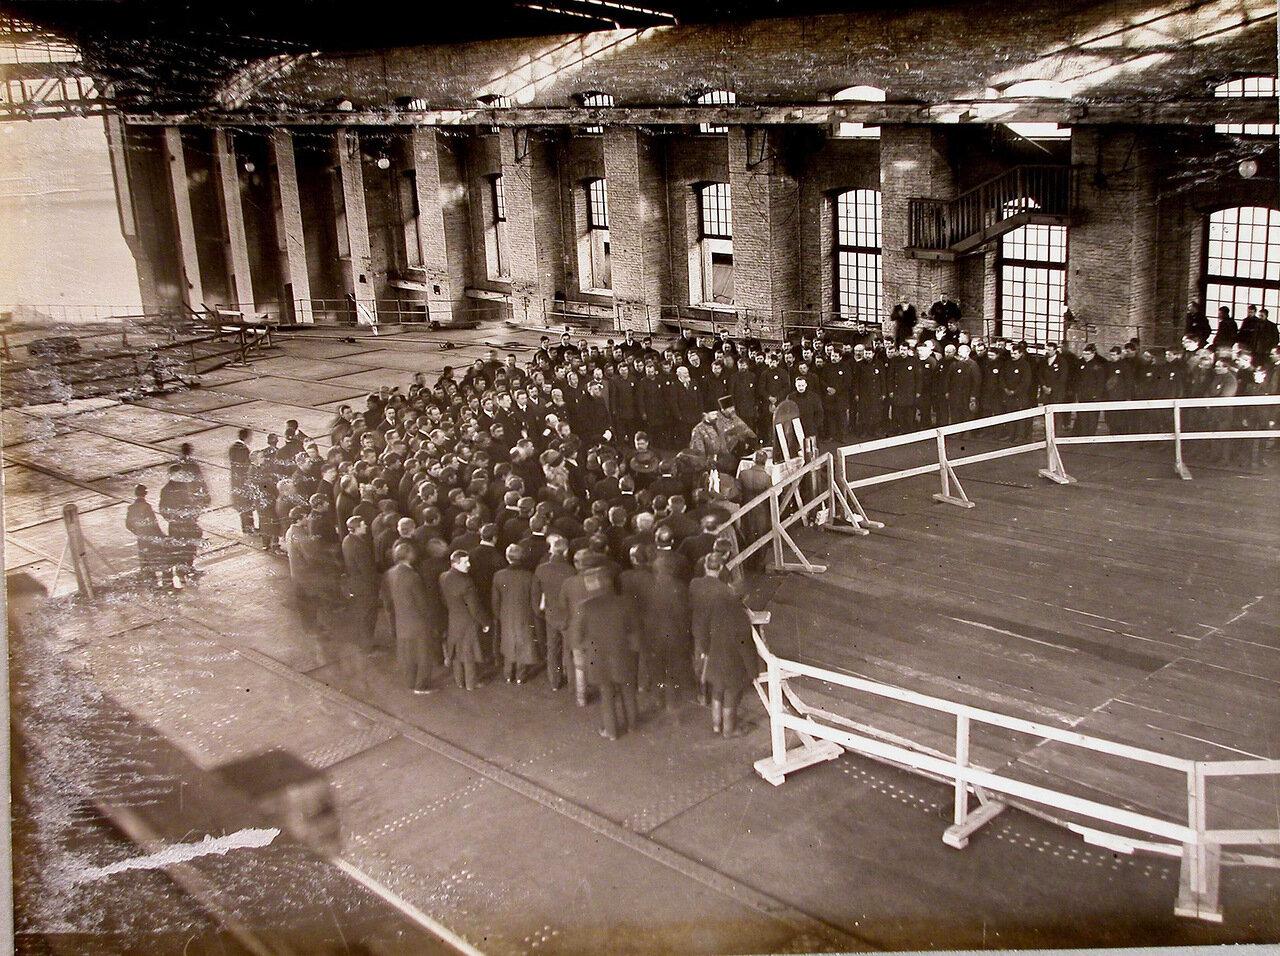 40. Участники молебна, устроенного по случаю спуска на воду линейного корабля «Полтава», на верхней палубе корабля. 27 июня 1911 г.